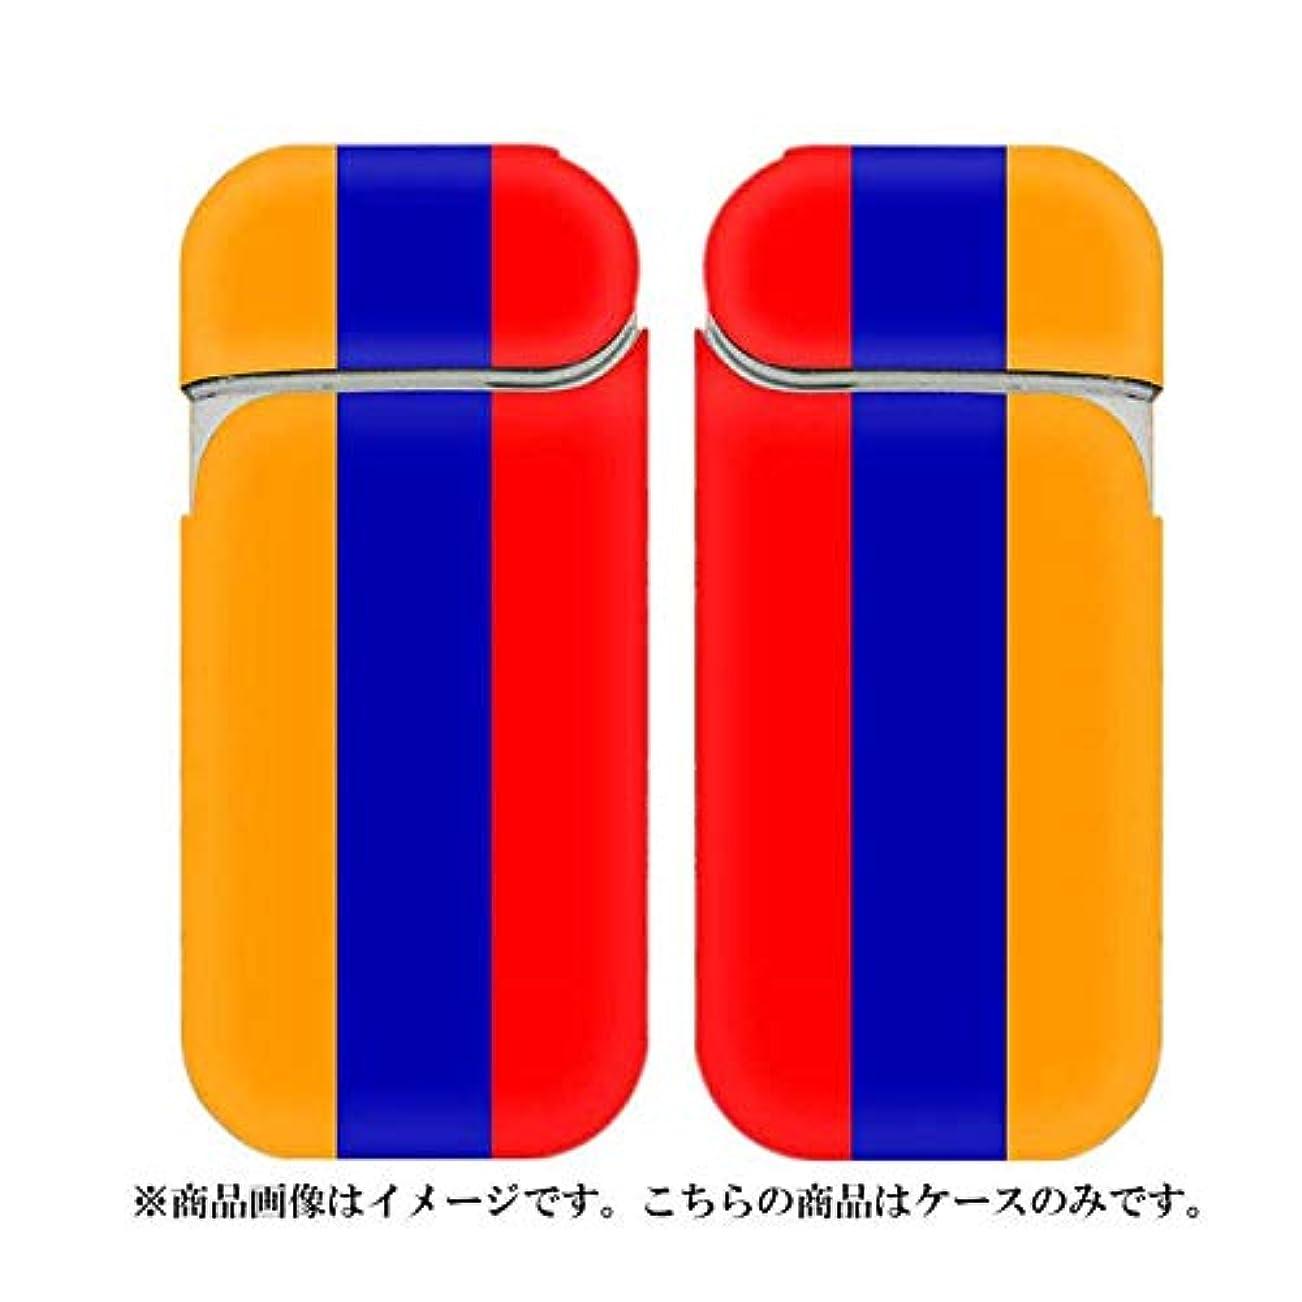 ダブル無駄なブラケットiQOS アイコス 専用 ケース 国旗柄 シリーズ 全面印刷 005 アルメニア